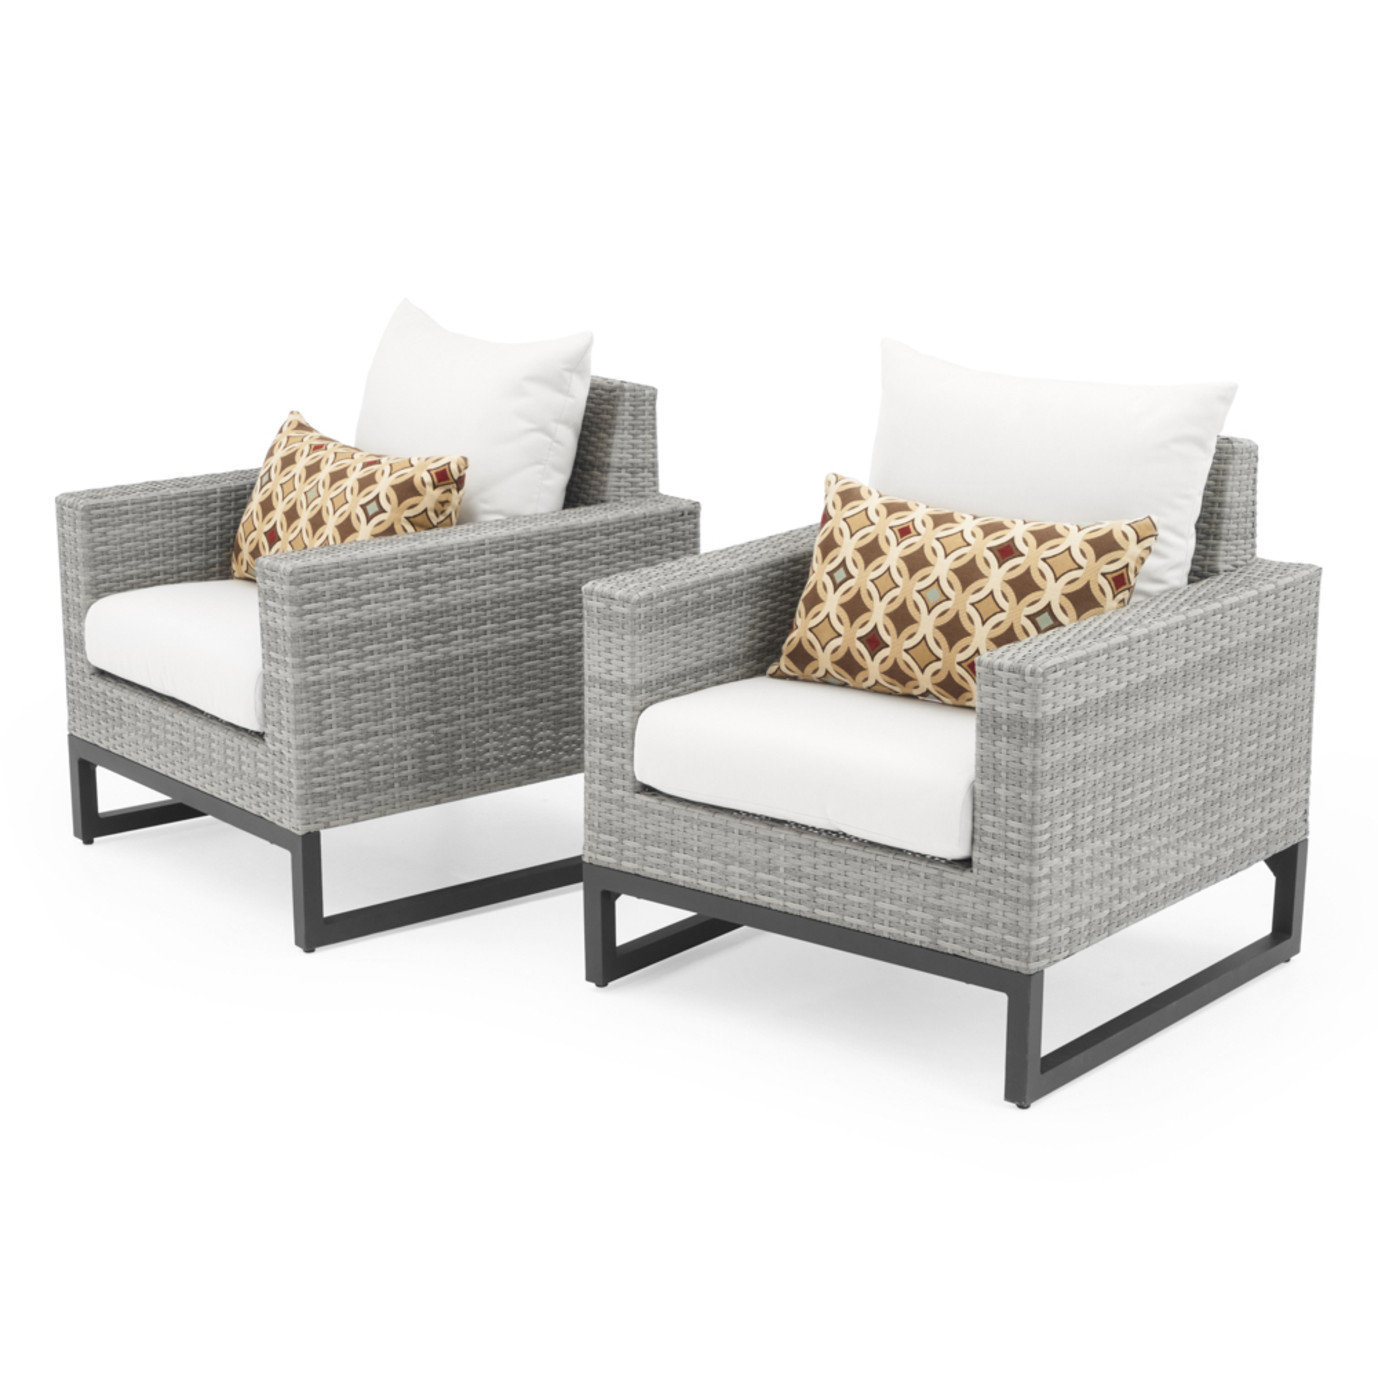 Milo™ Gray Club Chairs - Moroccan Cream